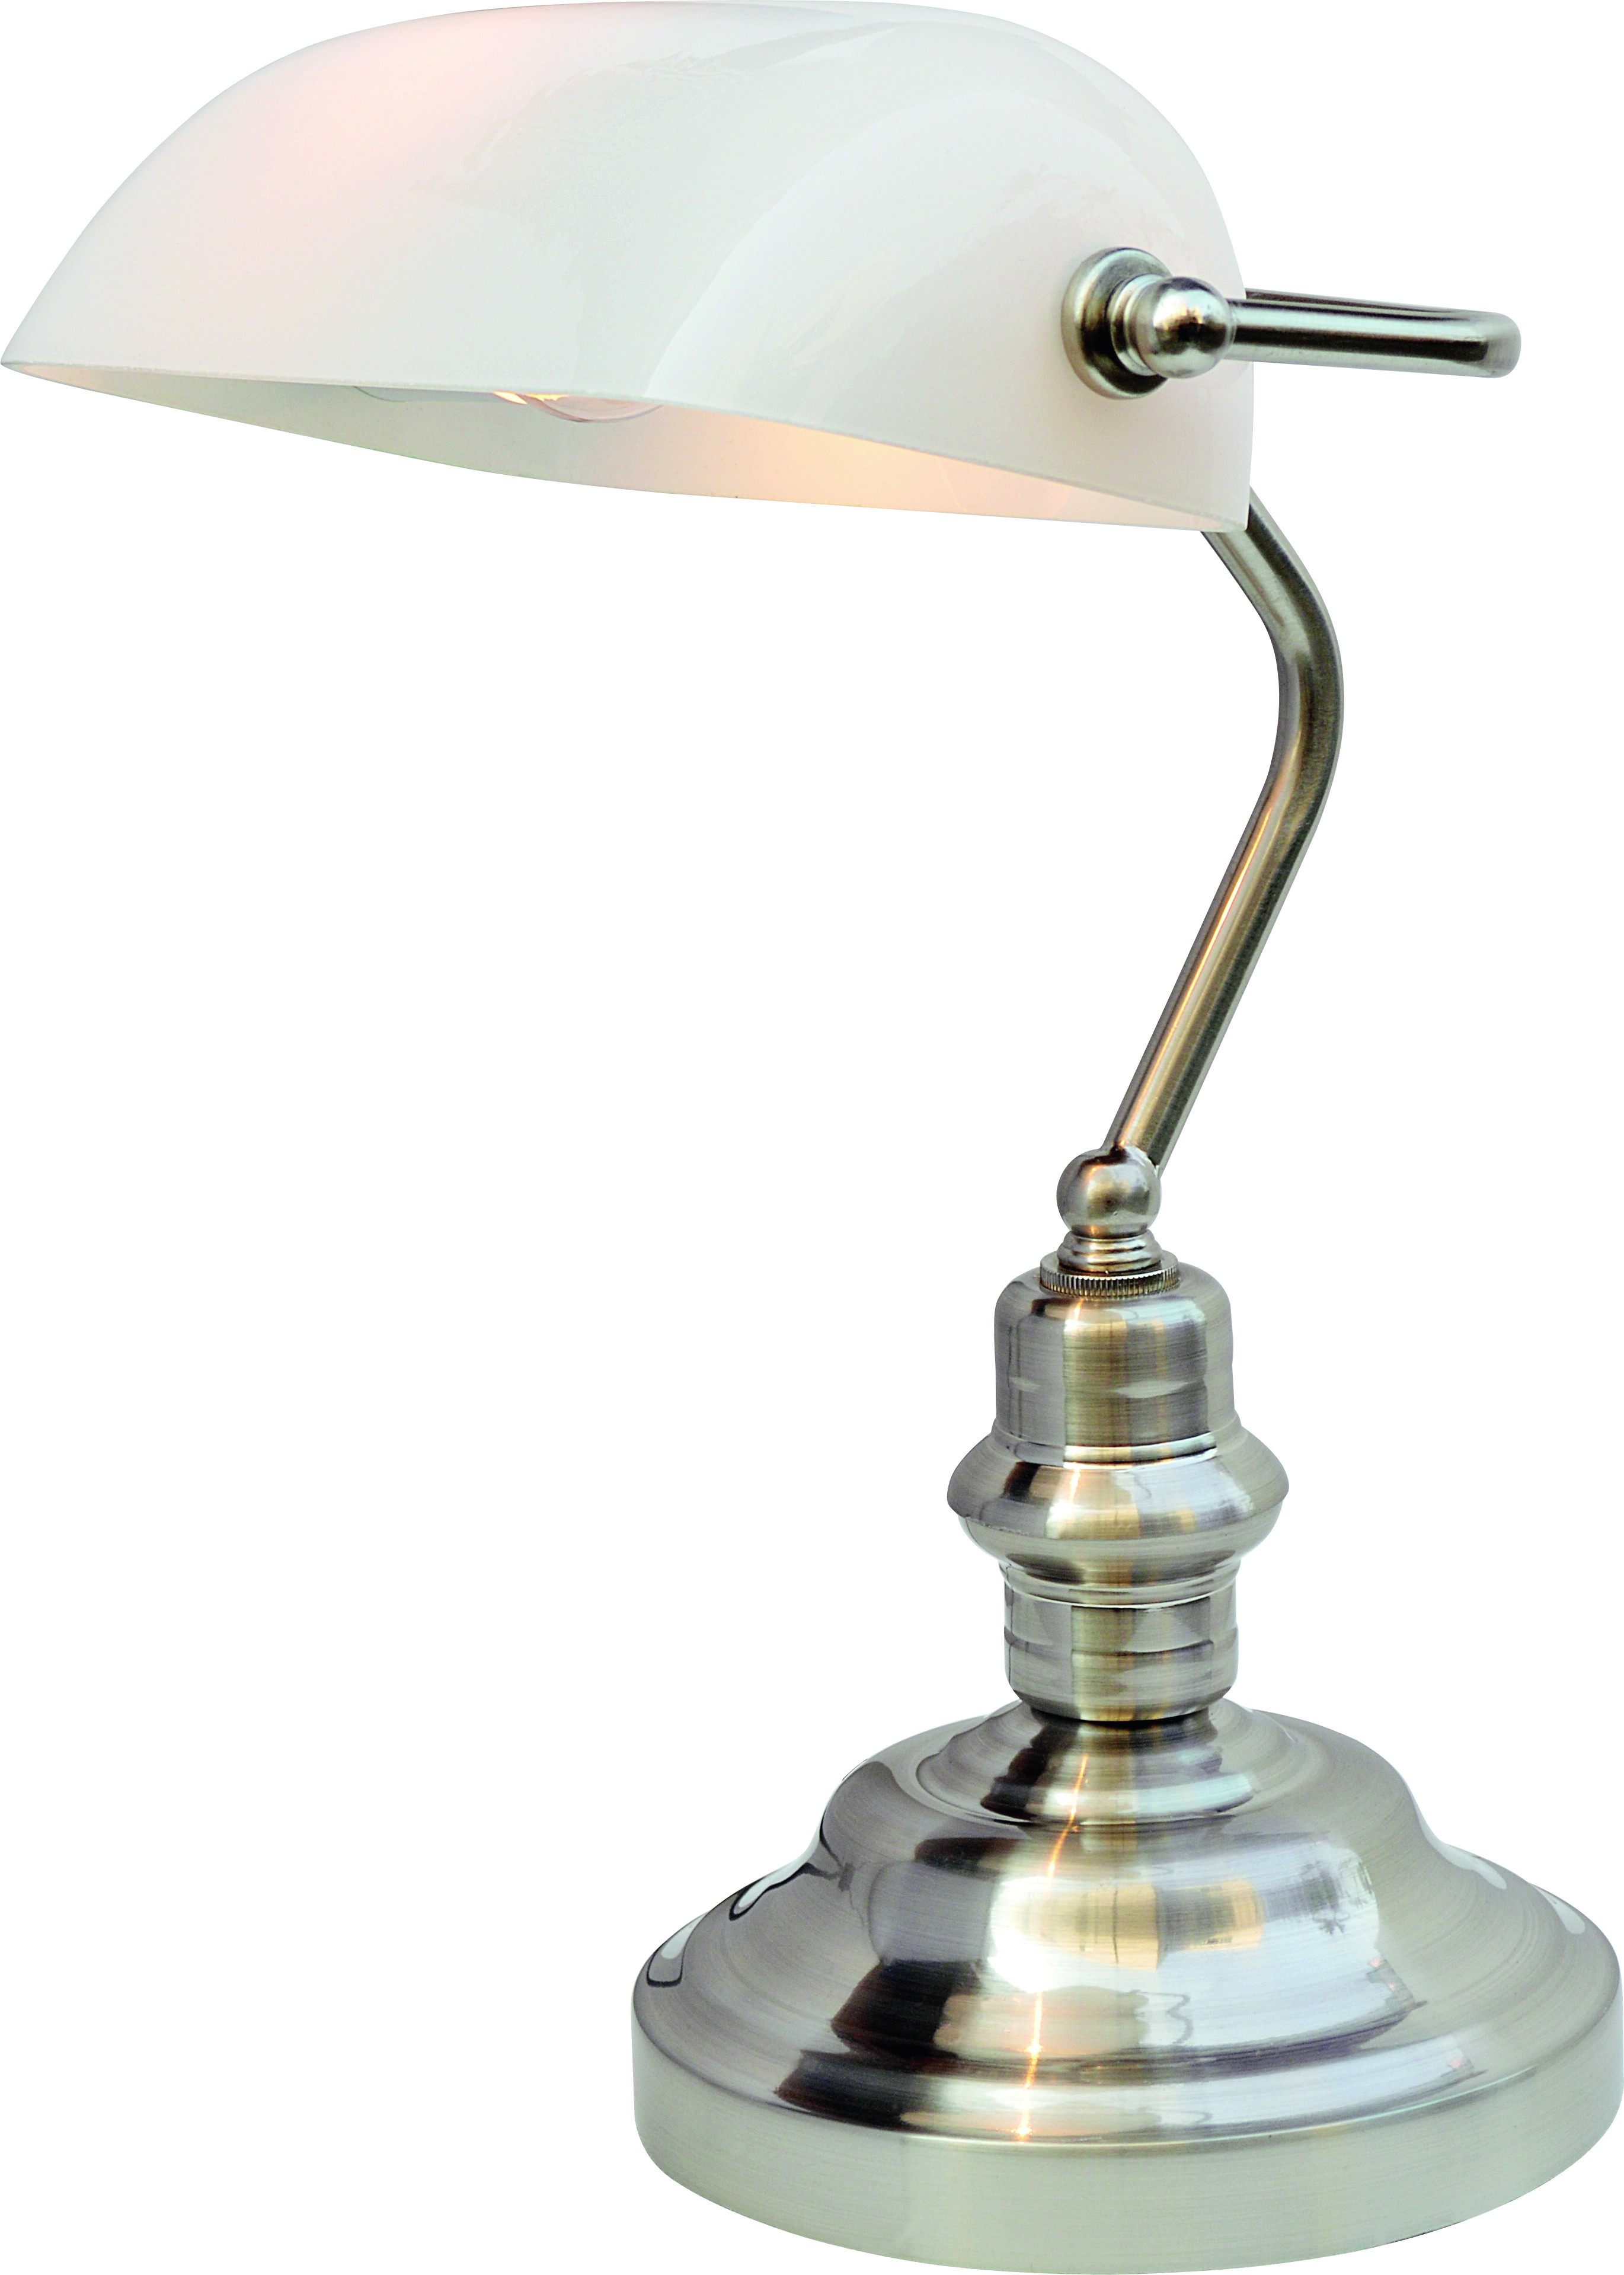 Лампа настольная Arte lamp A2491lt-1ss торшер 43 a2054pn 1ss arte lamp 1176958